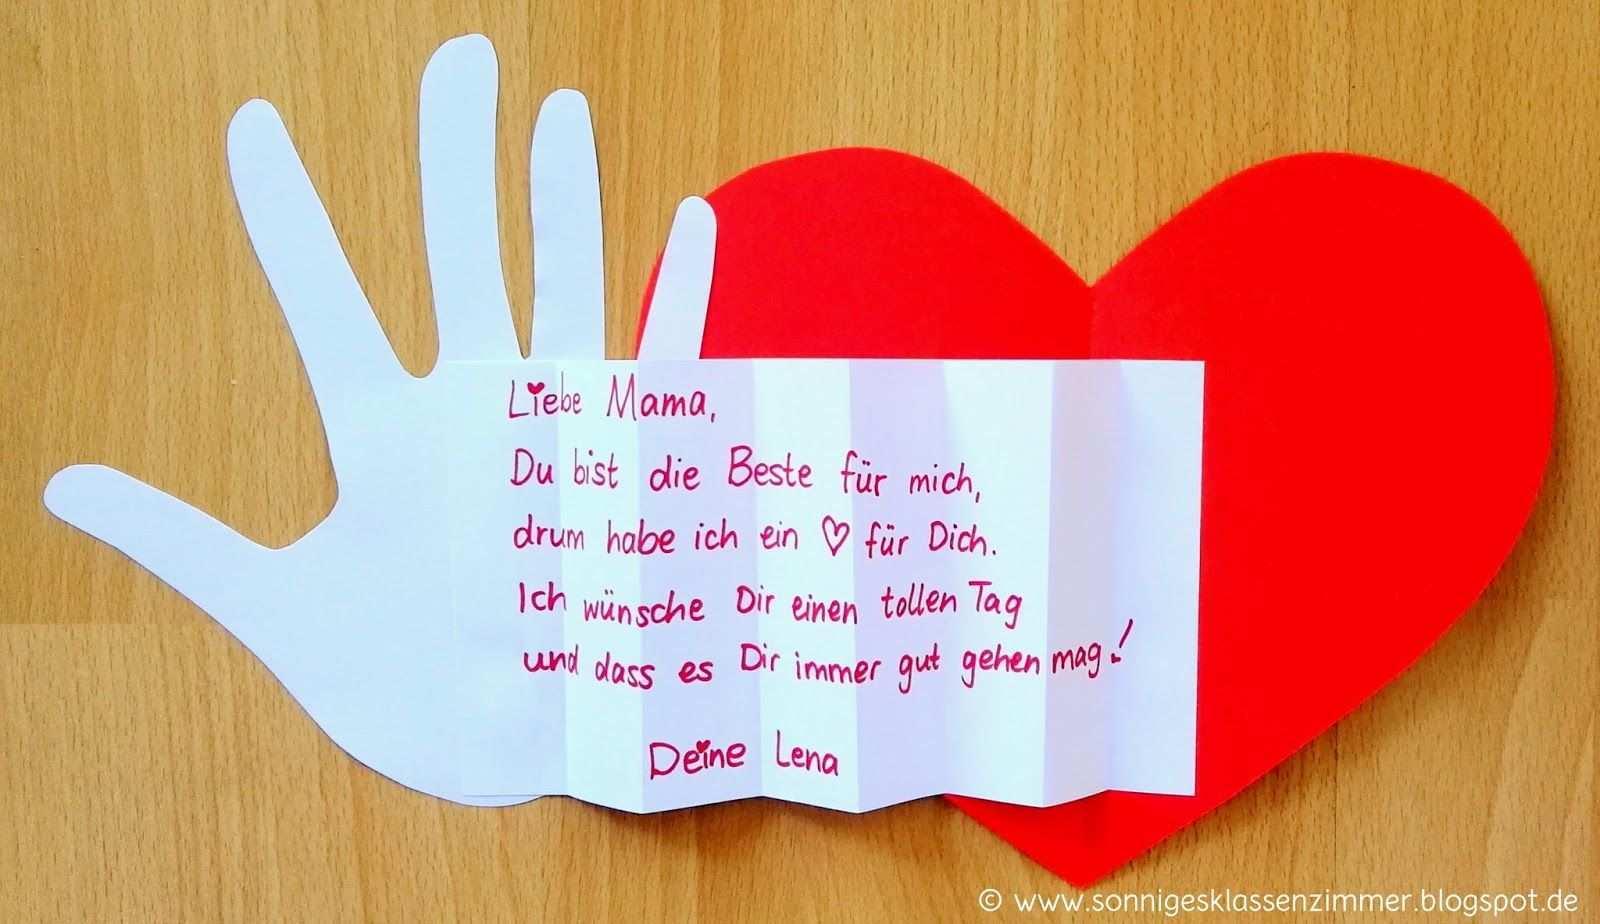 Img 20160505 132325 Jpg 1 600 924 Pixel Muttertag Grundschule Muttertag Und Vatertag Muttertag Geschenk